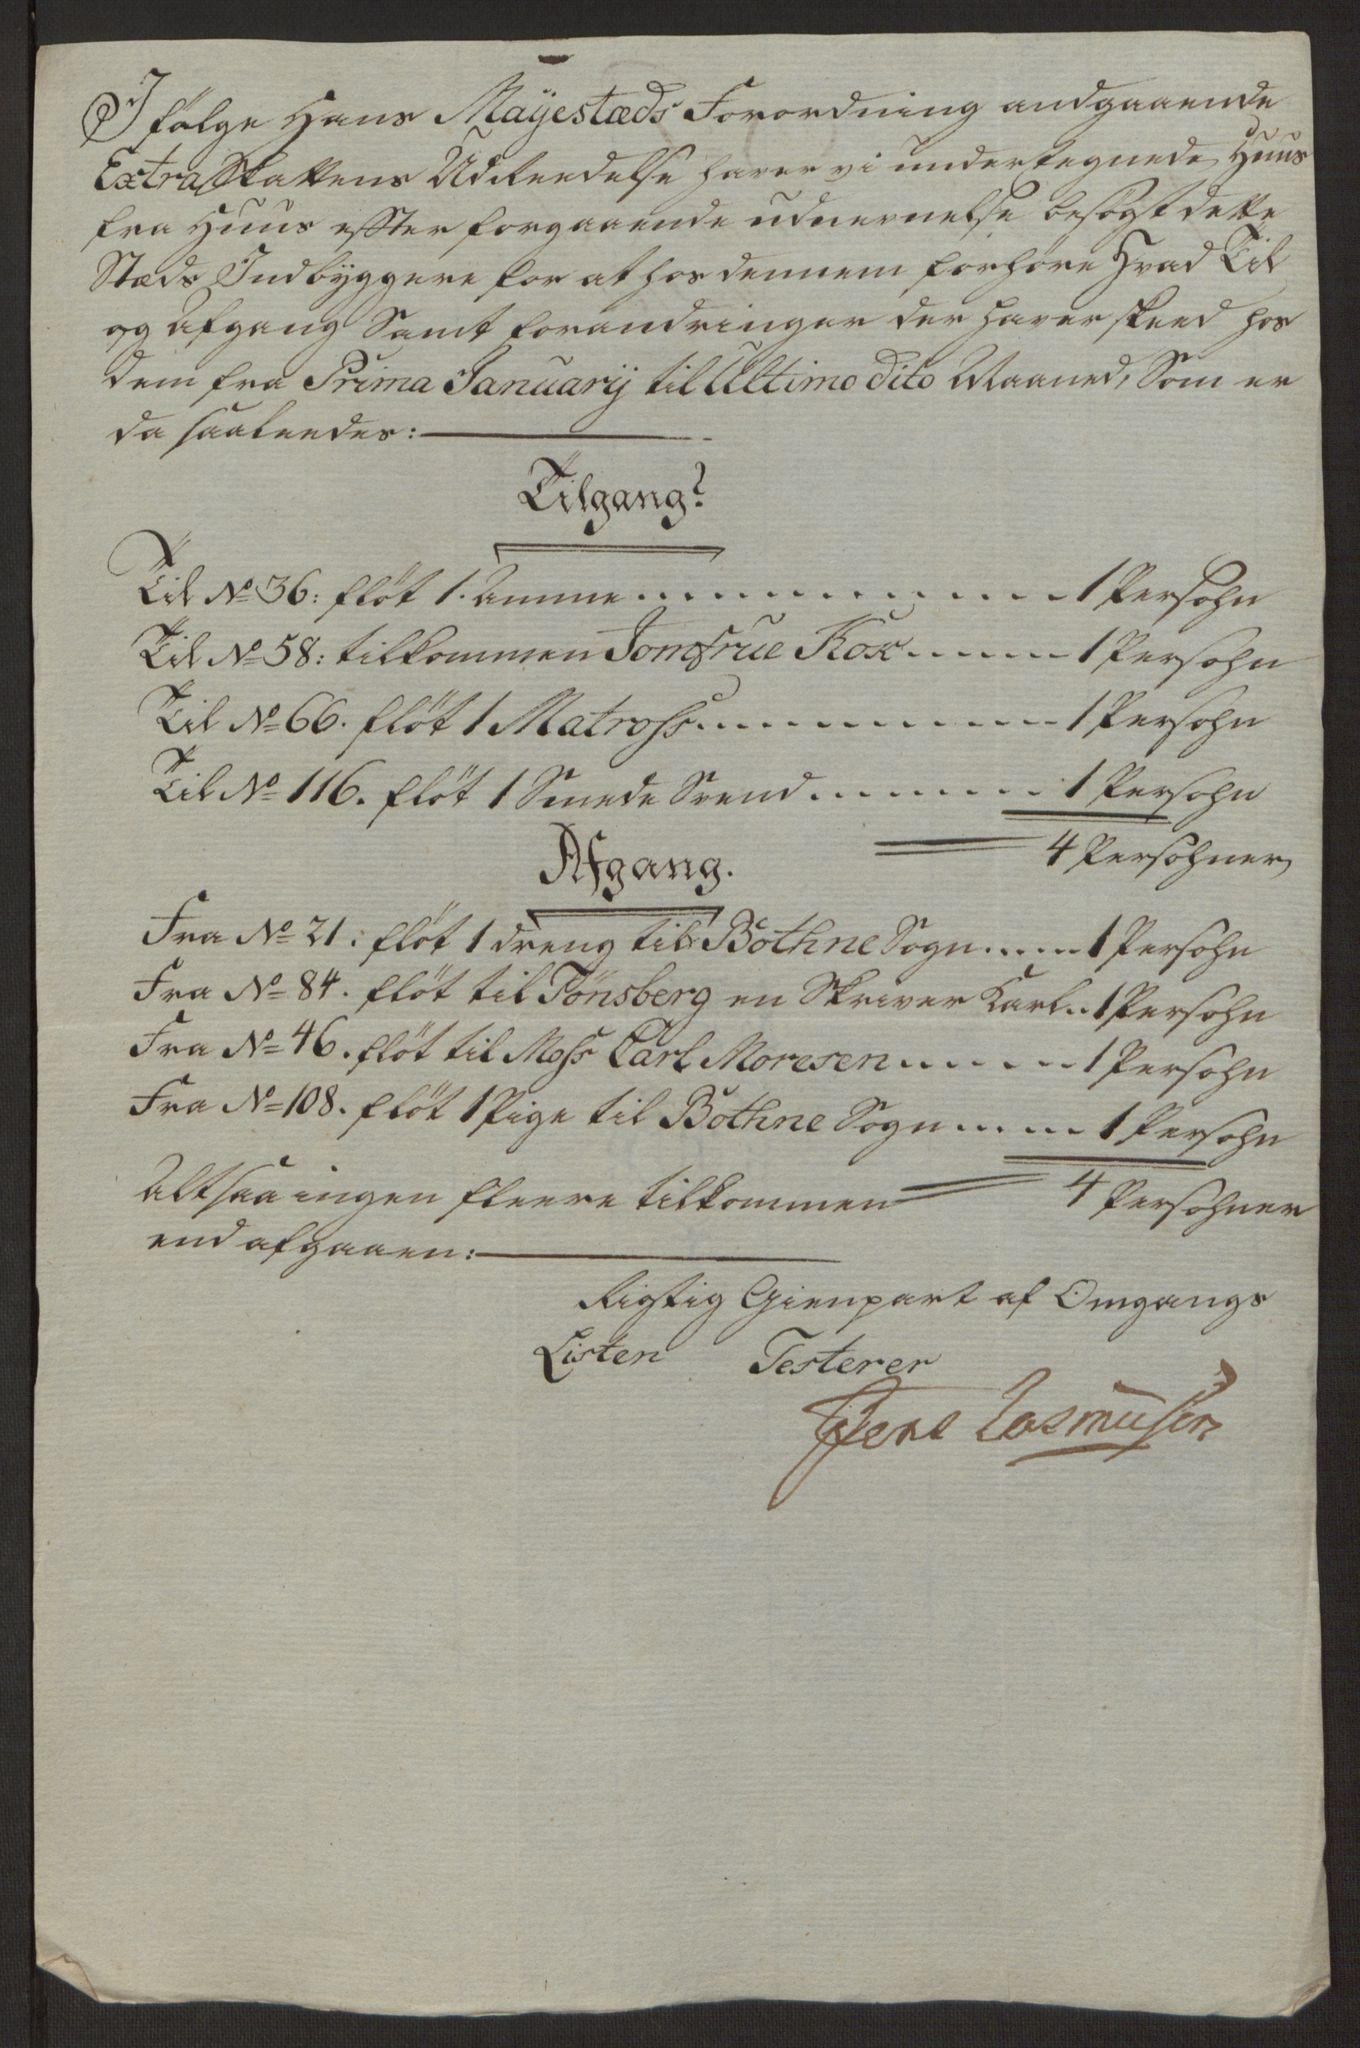 RA, Rentekammeret inntil 1814, Reviderte regnskaper, Byregnskaper, R/Rh/L0163: [H4] Kontribusjonsregnskap, 1762-1772, s. 259